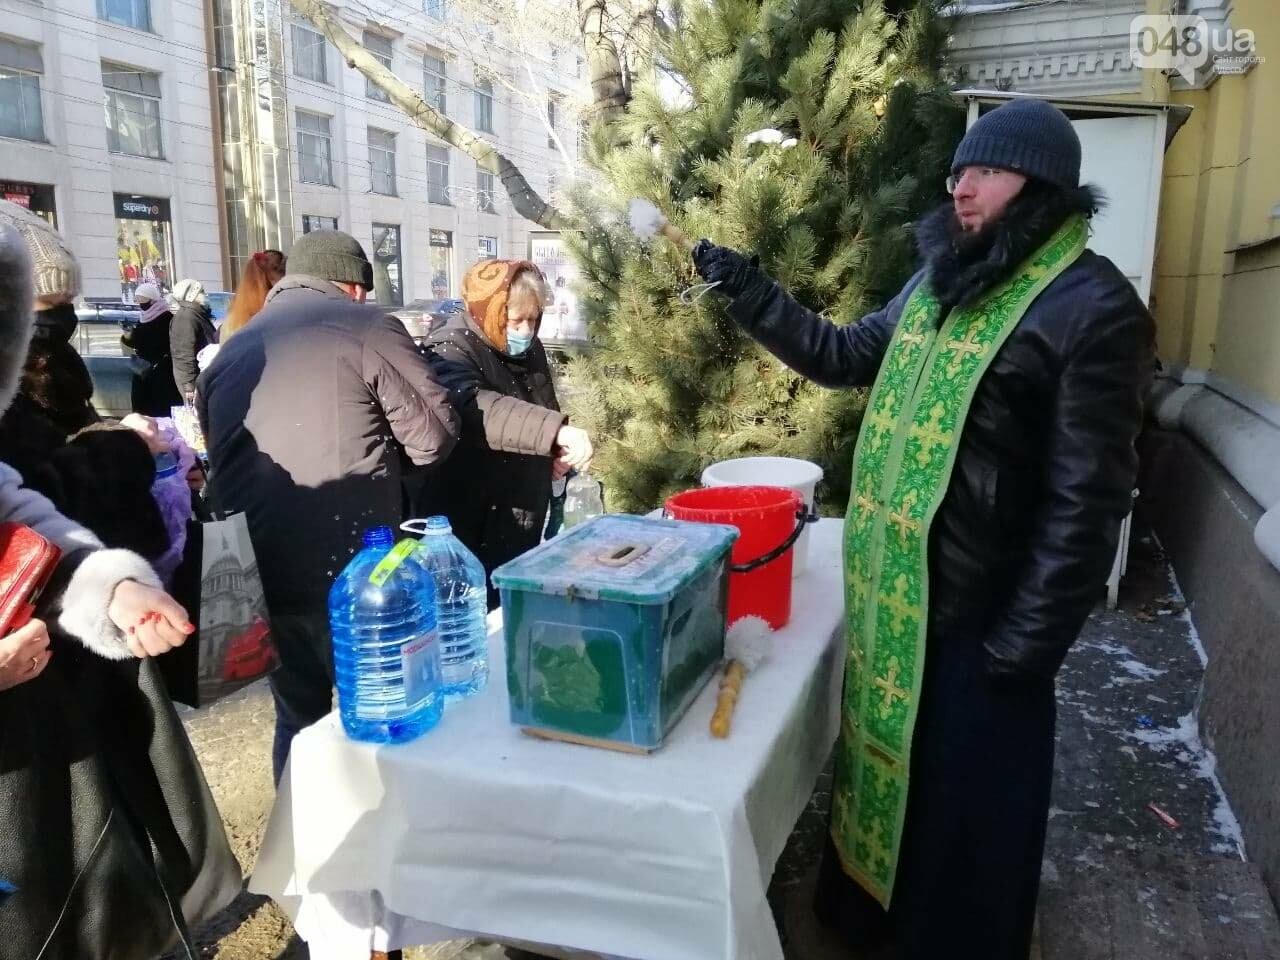 Крещение в Одессе: во всех храмах святили воду,- ФОТОРЕПОРТАЖ, фото-4